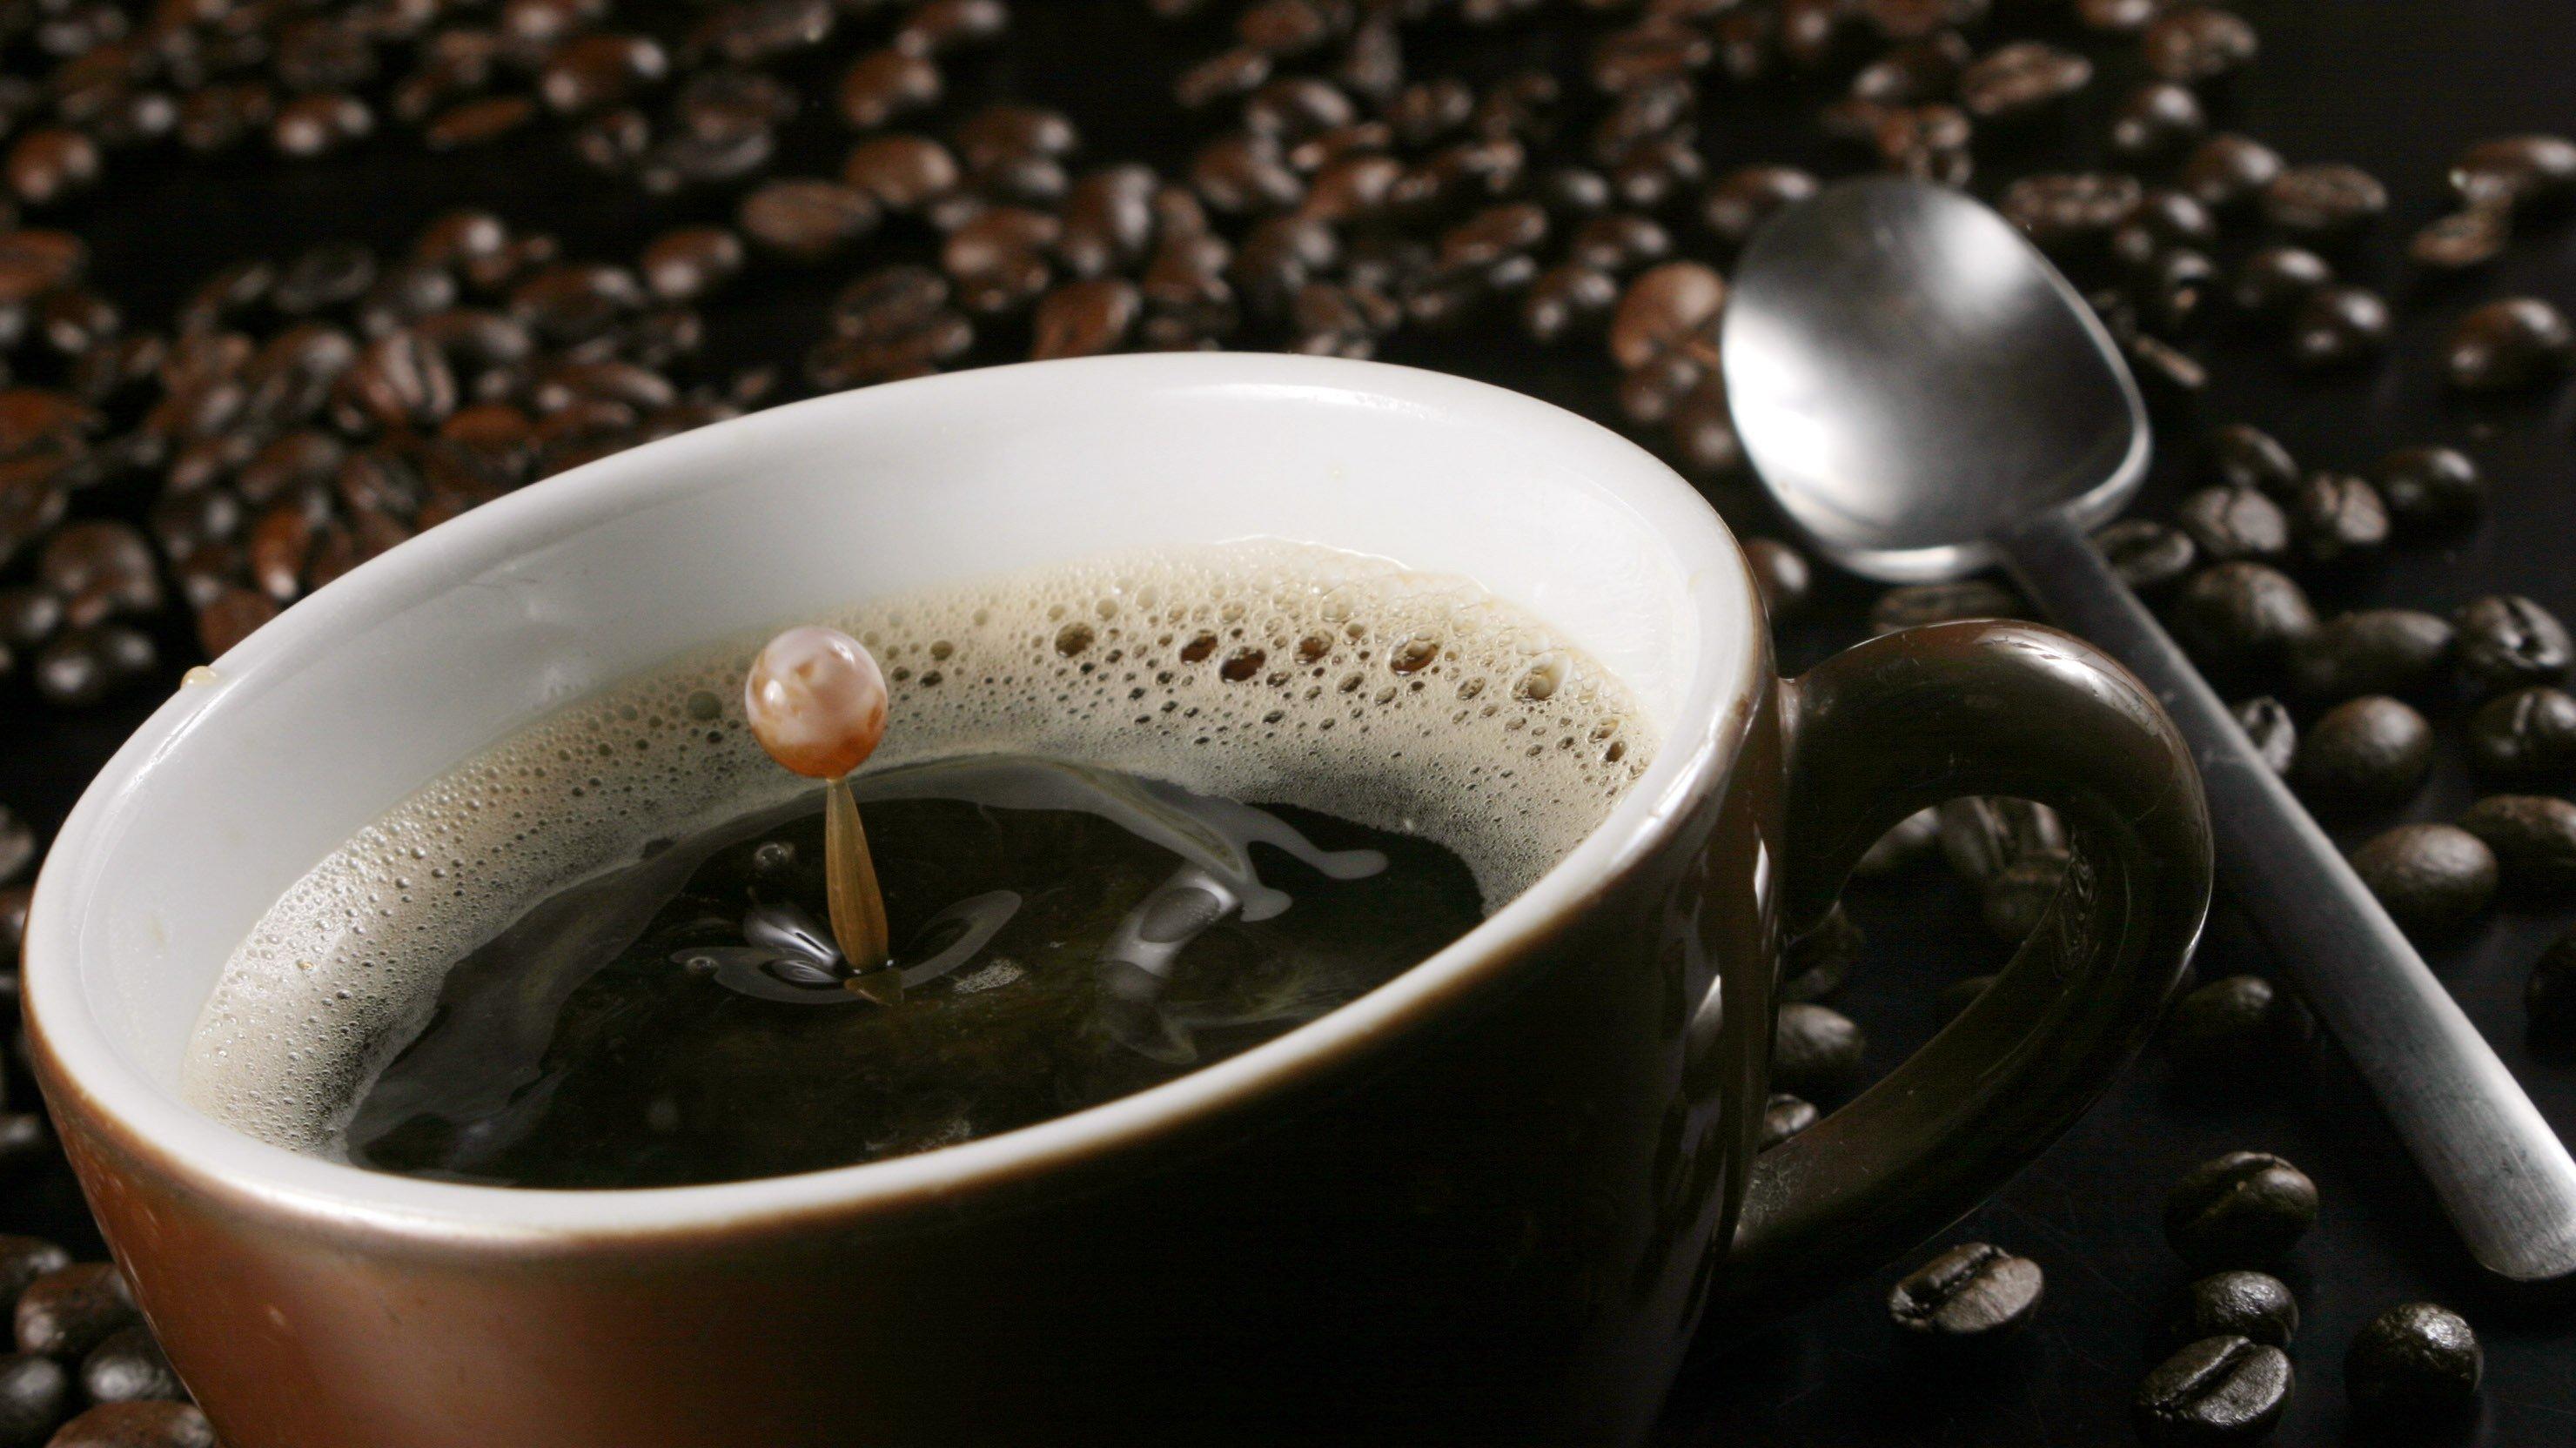 Kaffee ist gesund und wirkt gegen Herzinfarkte, Diabetes, Depressionen, Tinnitus und Alzheimer. Und wach macht Kaffee auch noch.